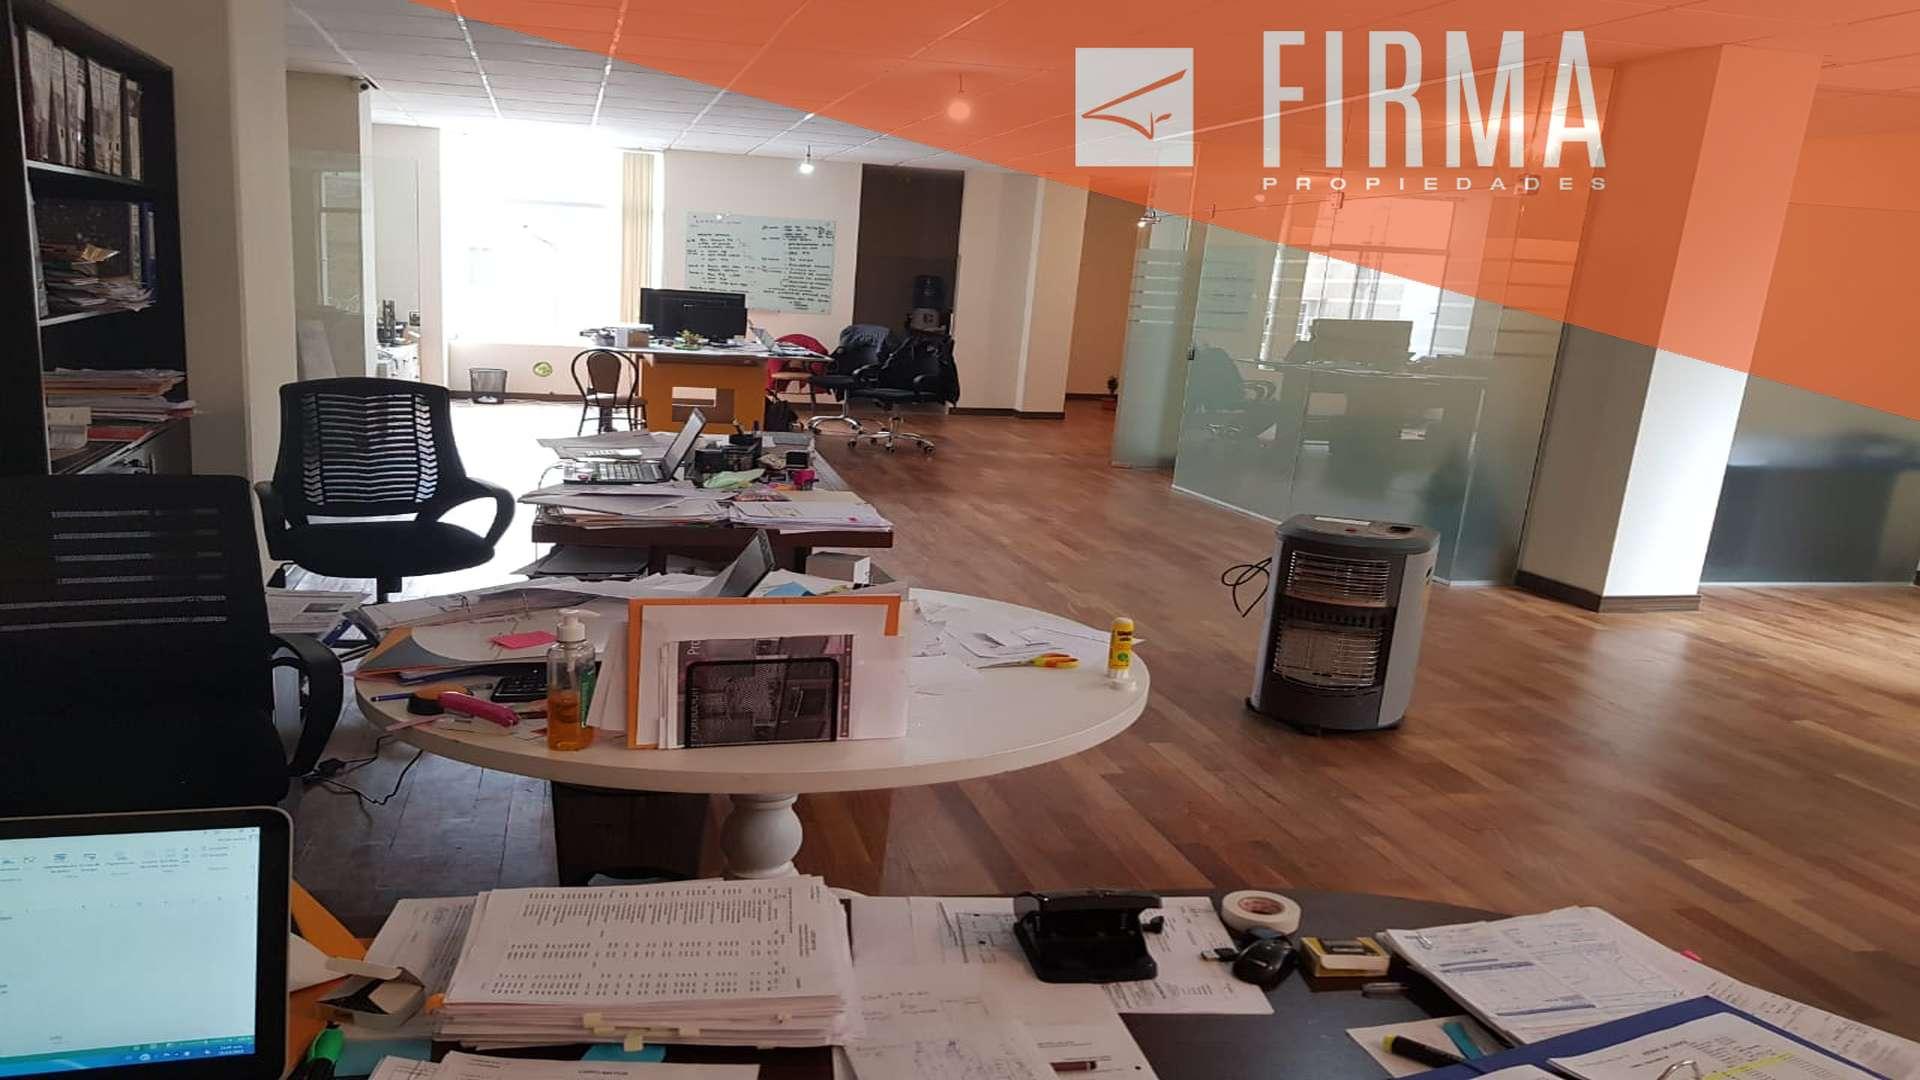 Oficina en Venta FOV31125 – COMPRA TU OFICINA EN MIRAFLORES Foto 4